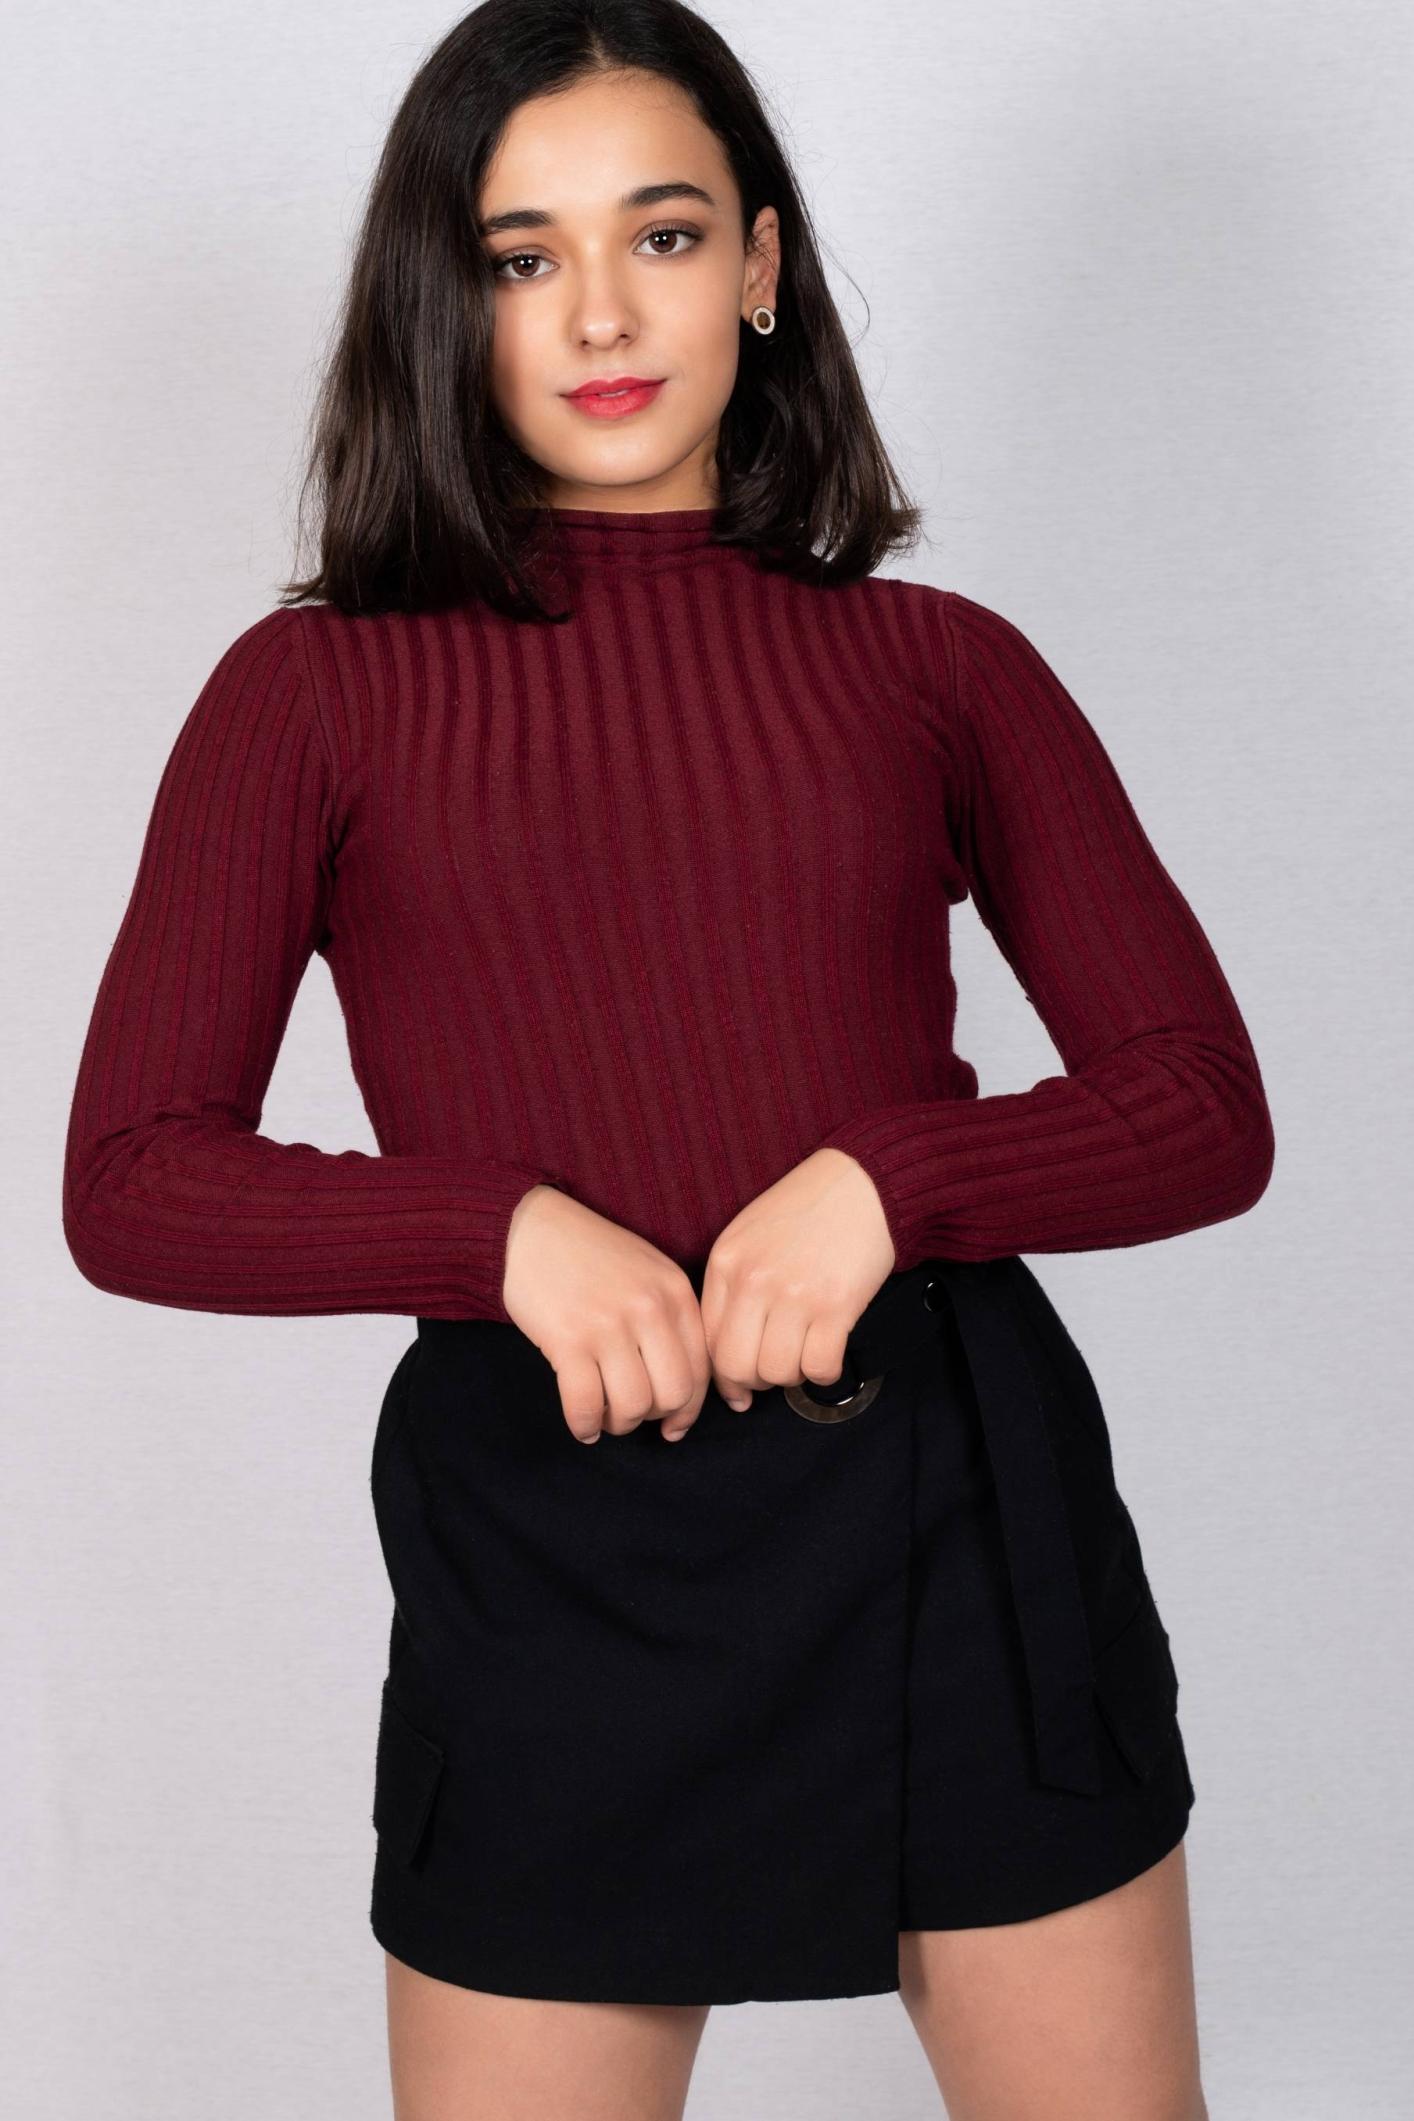 Mariana Pinheiro (5)